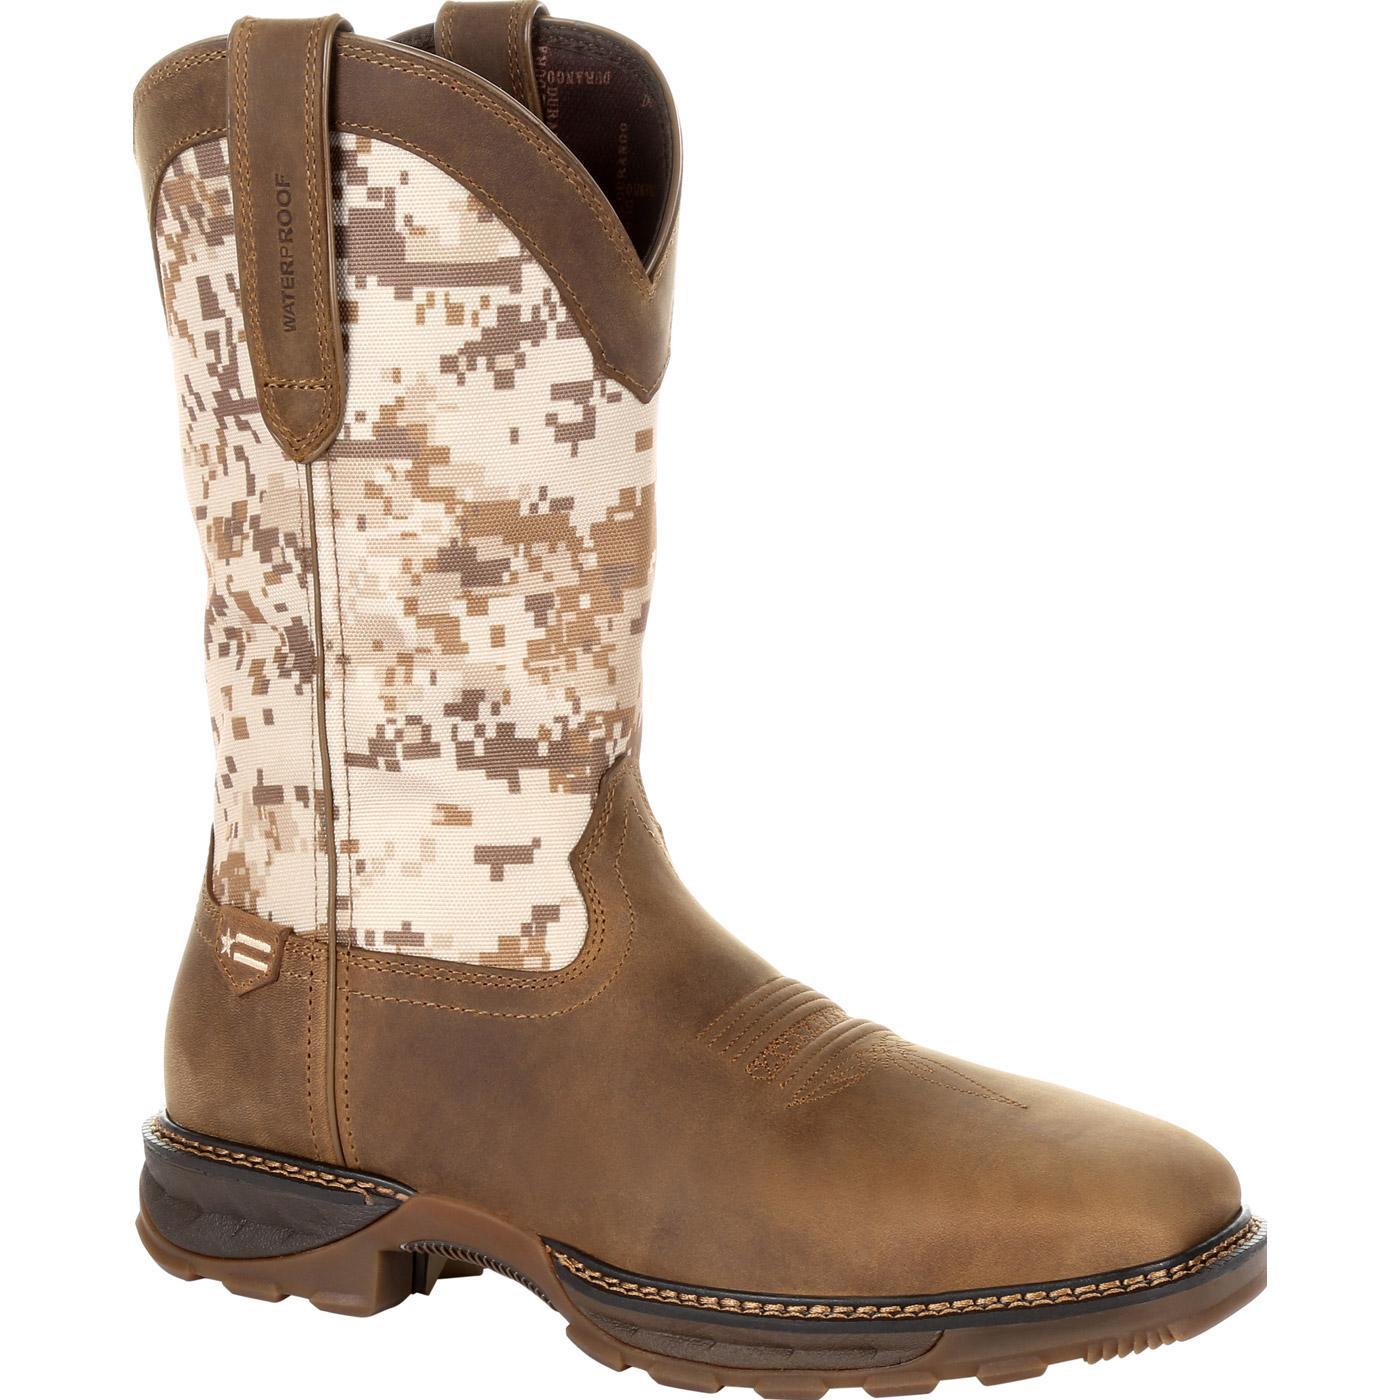 02efe2c0dec Durango Maverick XP Steel Toe Waterproof Western Work Boot